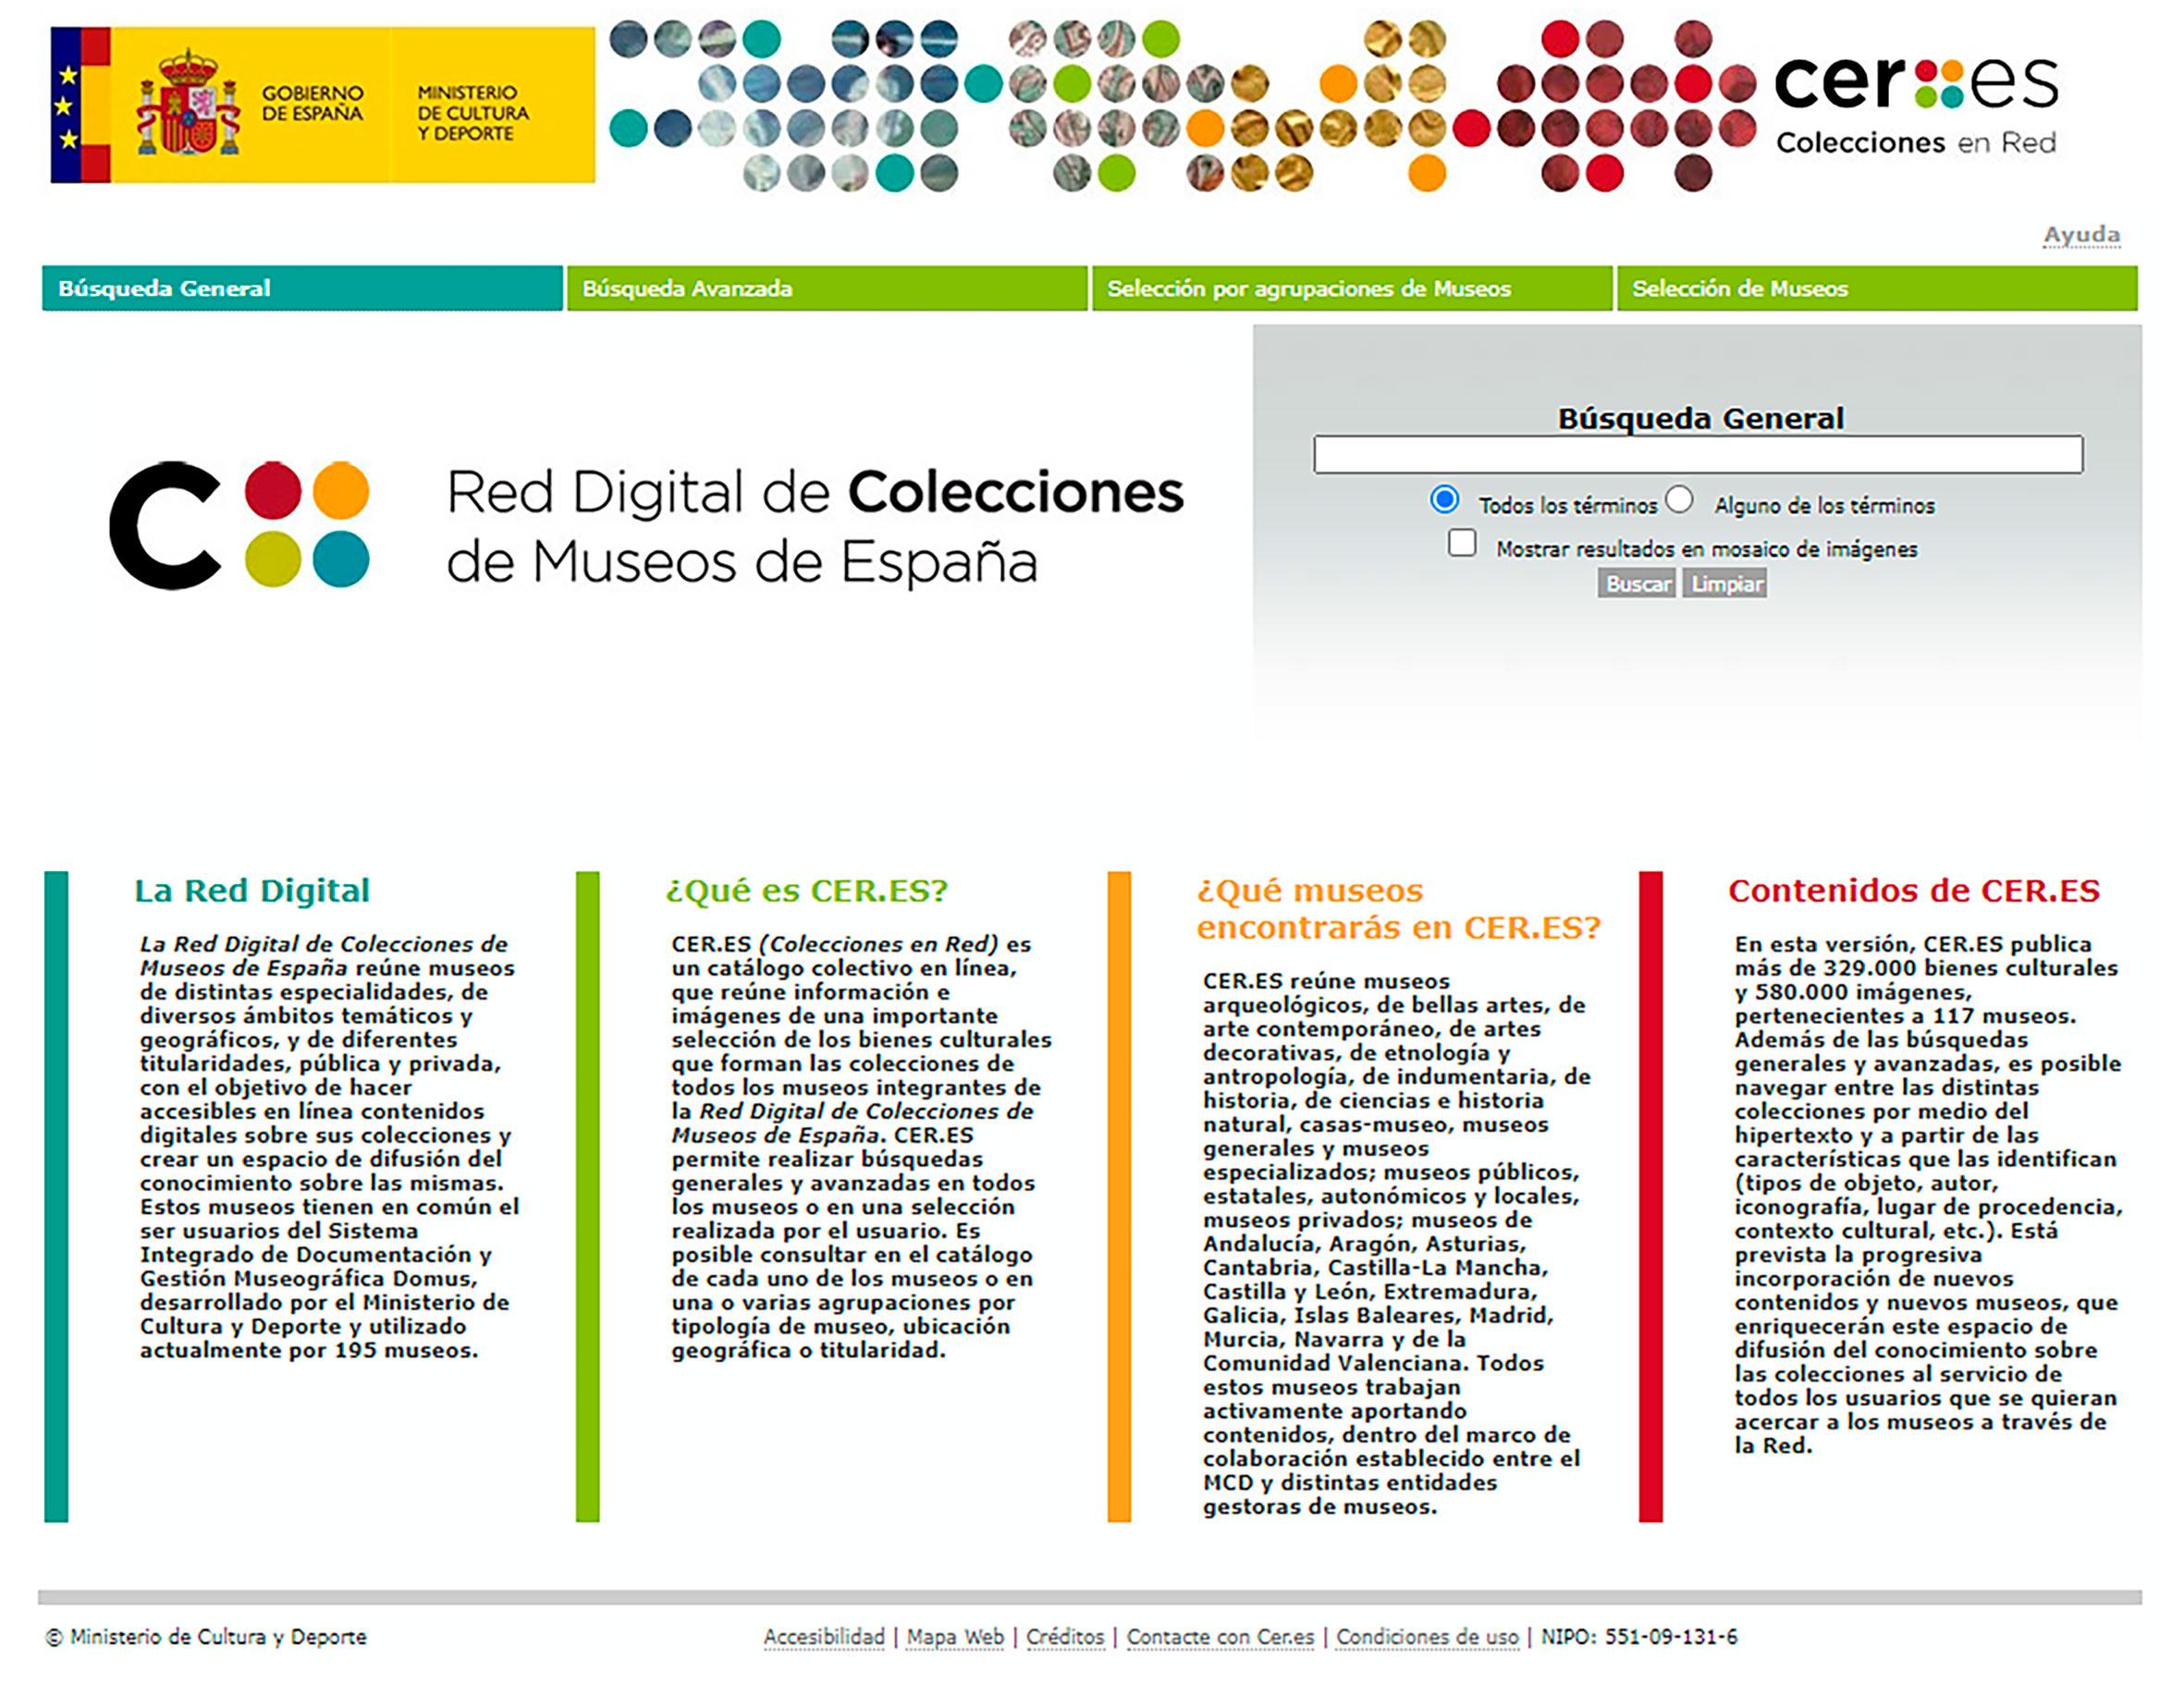 Fondos de indumentaria _ BASE DE DATOS MUSEOS EN LÍNEA DE CATALUNYARED DIGITAL DE COLECCIONES DE MUSEOS DE ESPAÑA